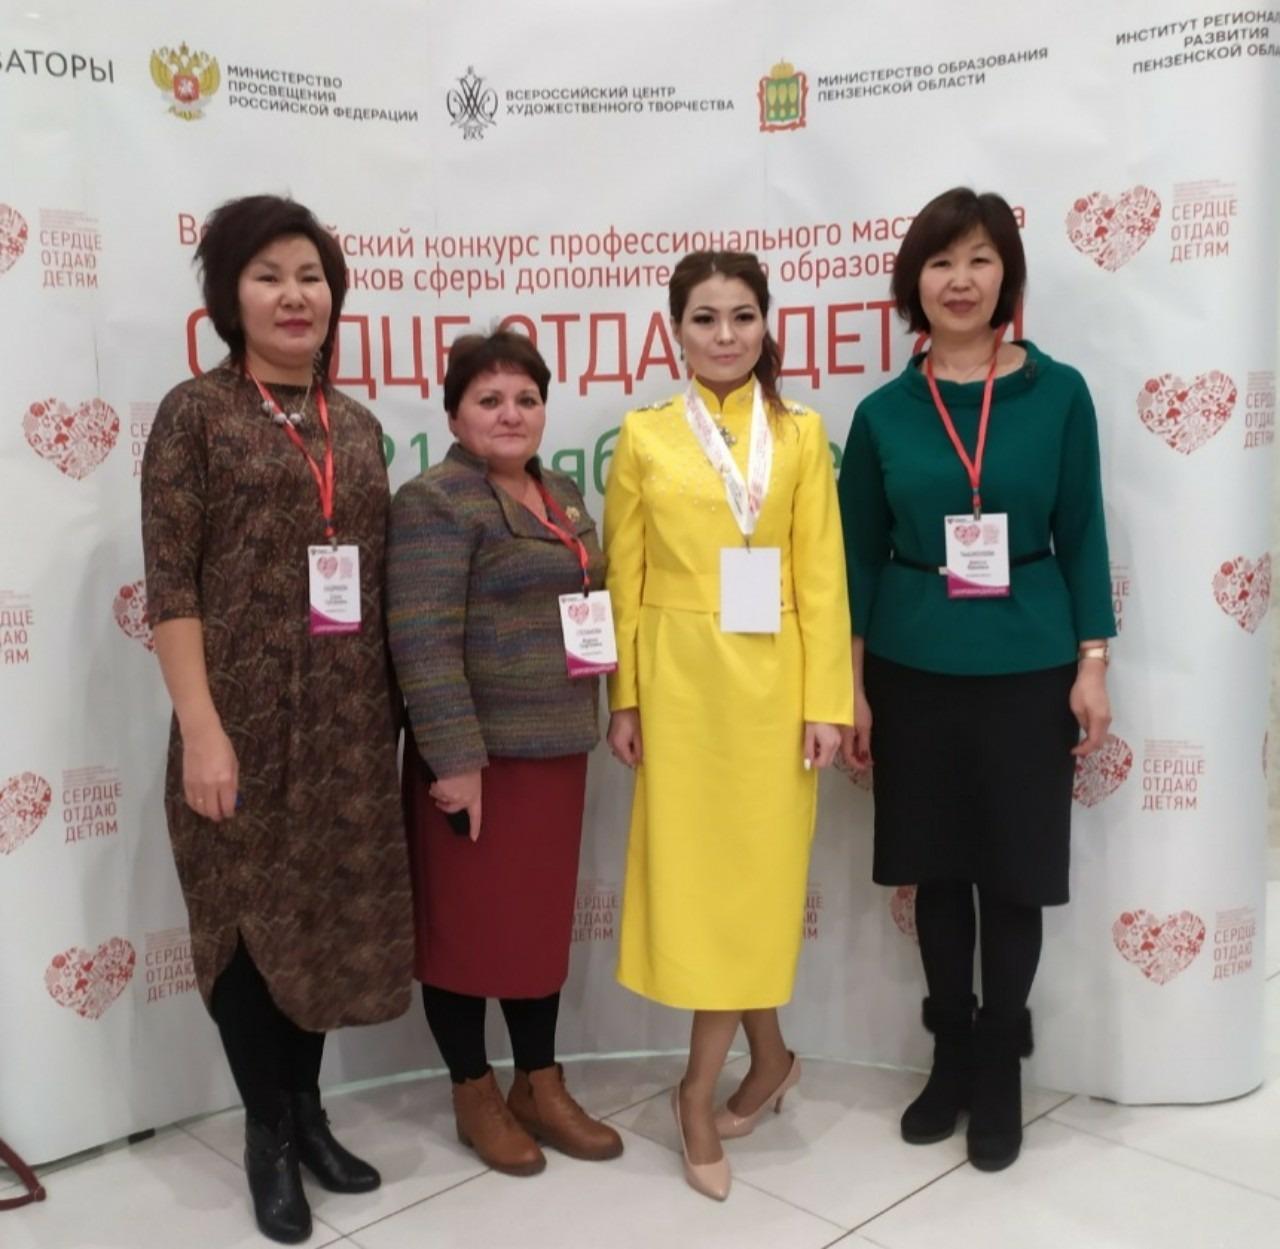 Педагог из Бурятии участвует во Всероссийском конкурсе